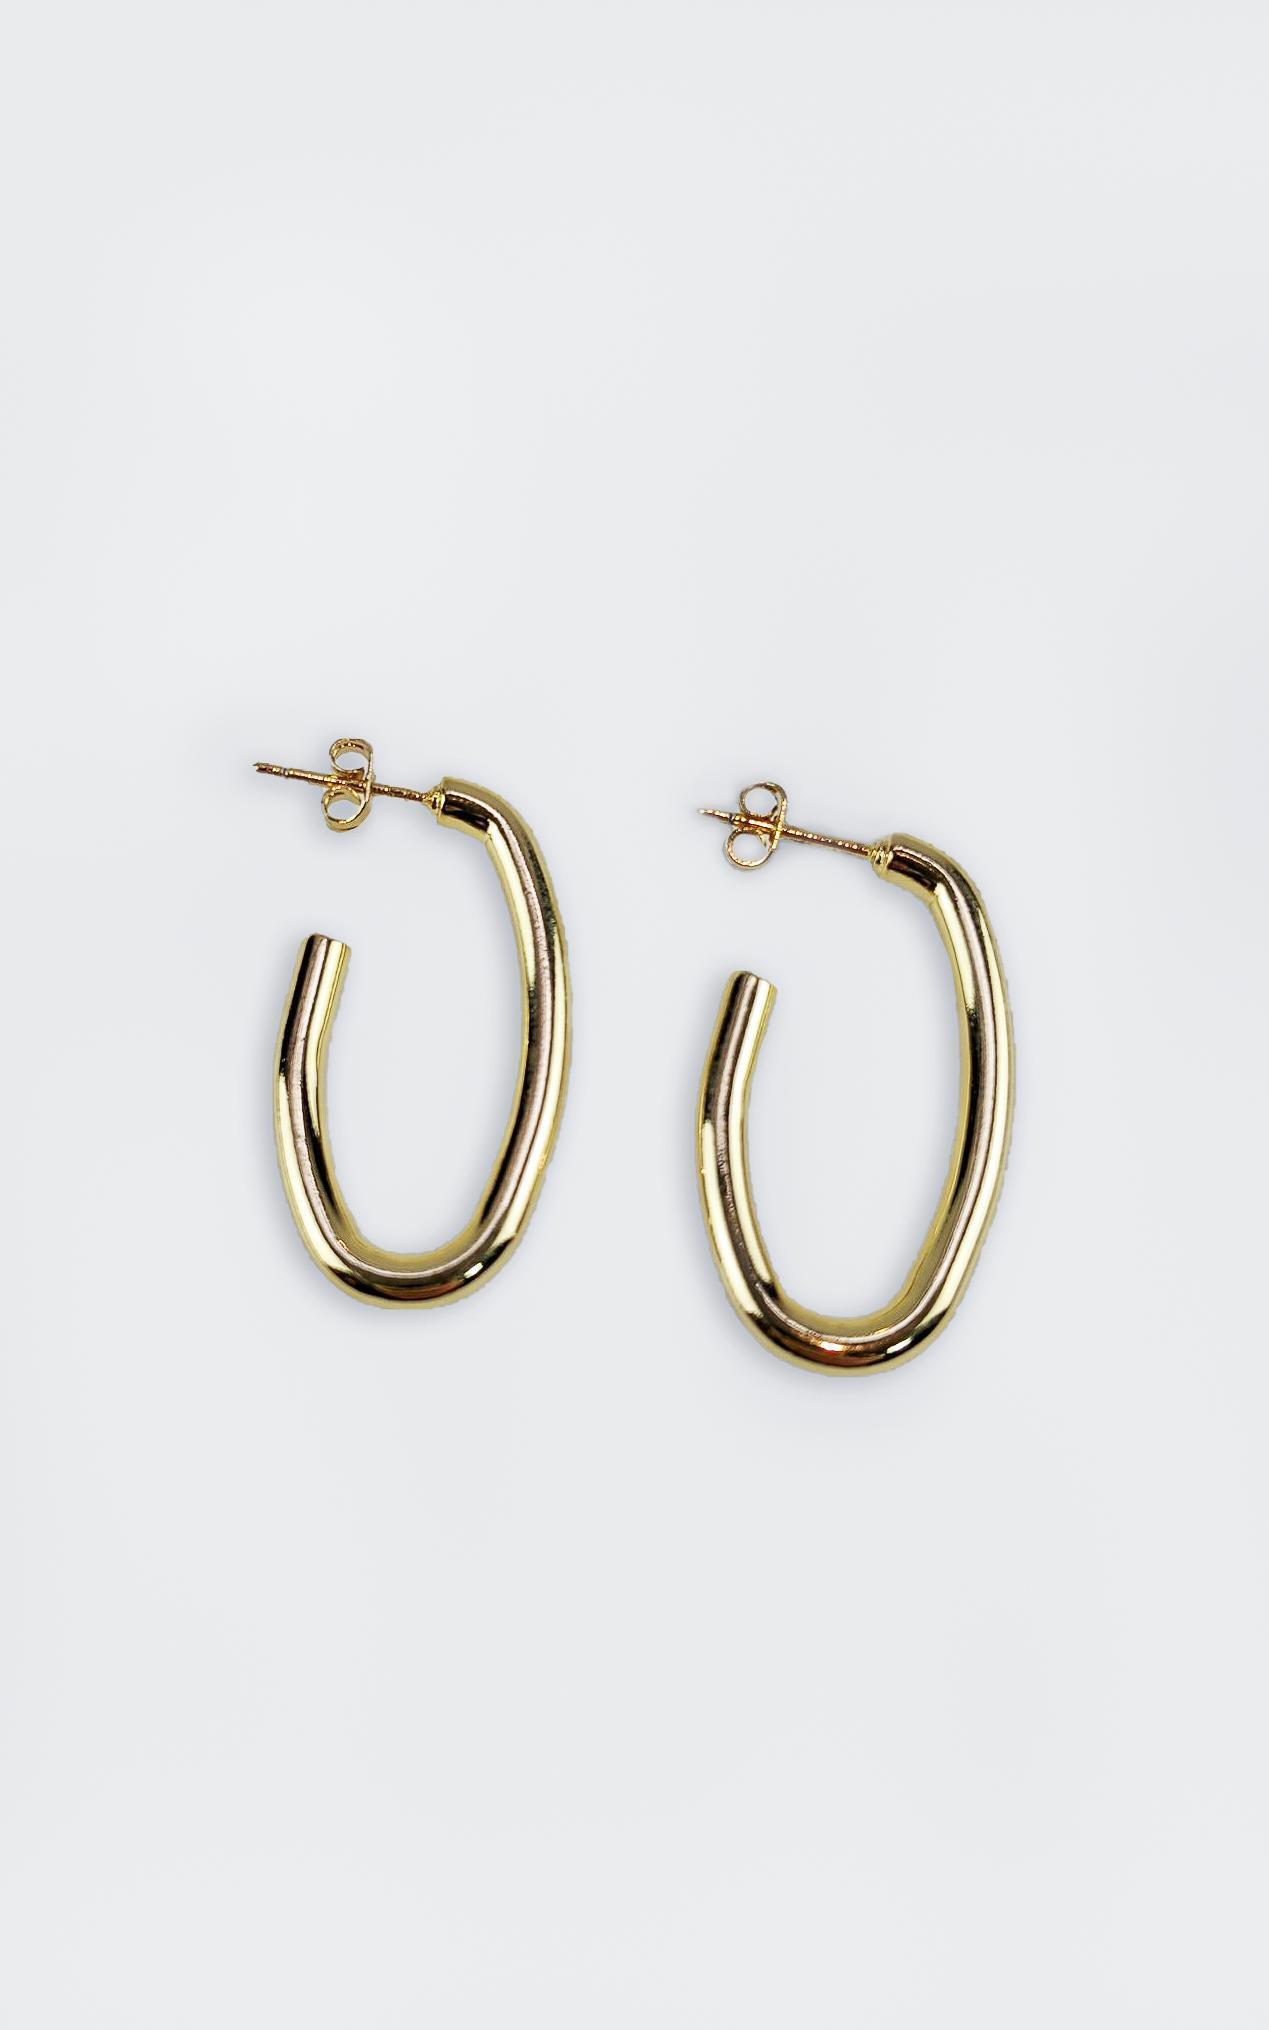 Peta and Jain - Stormi Earrings in Gold, , hi-res image number null